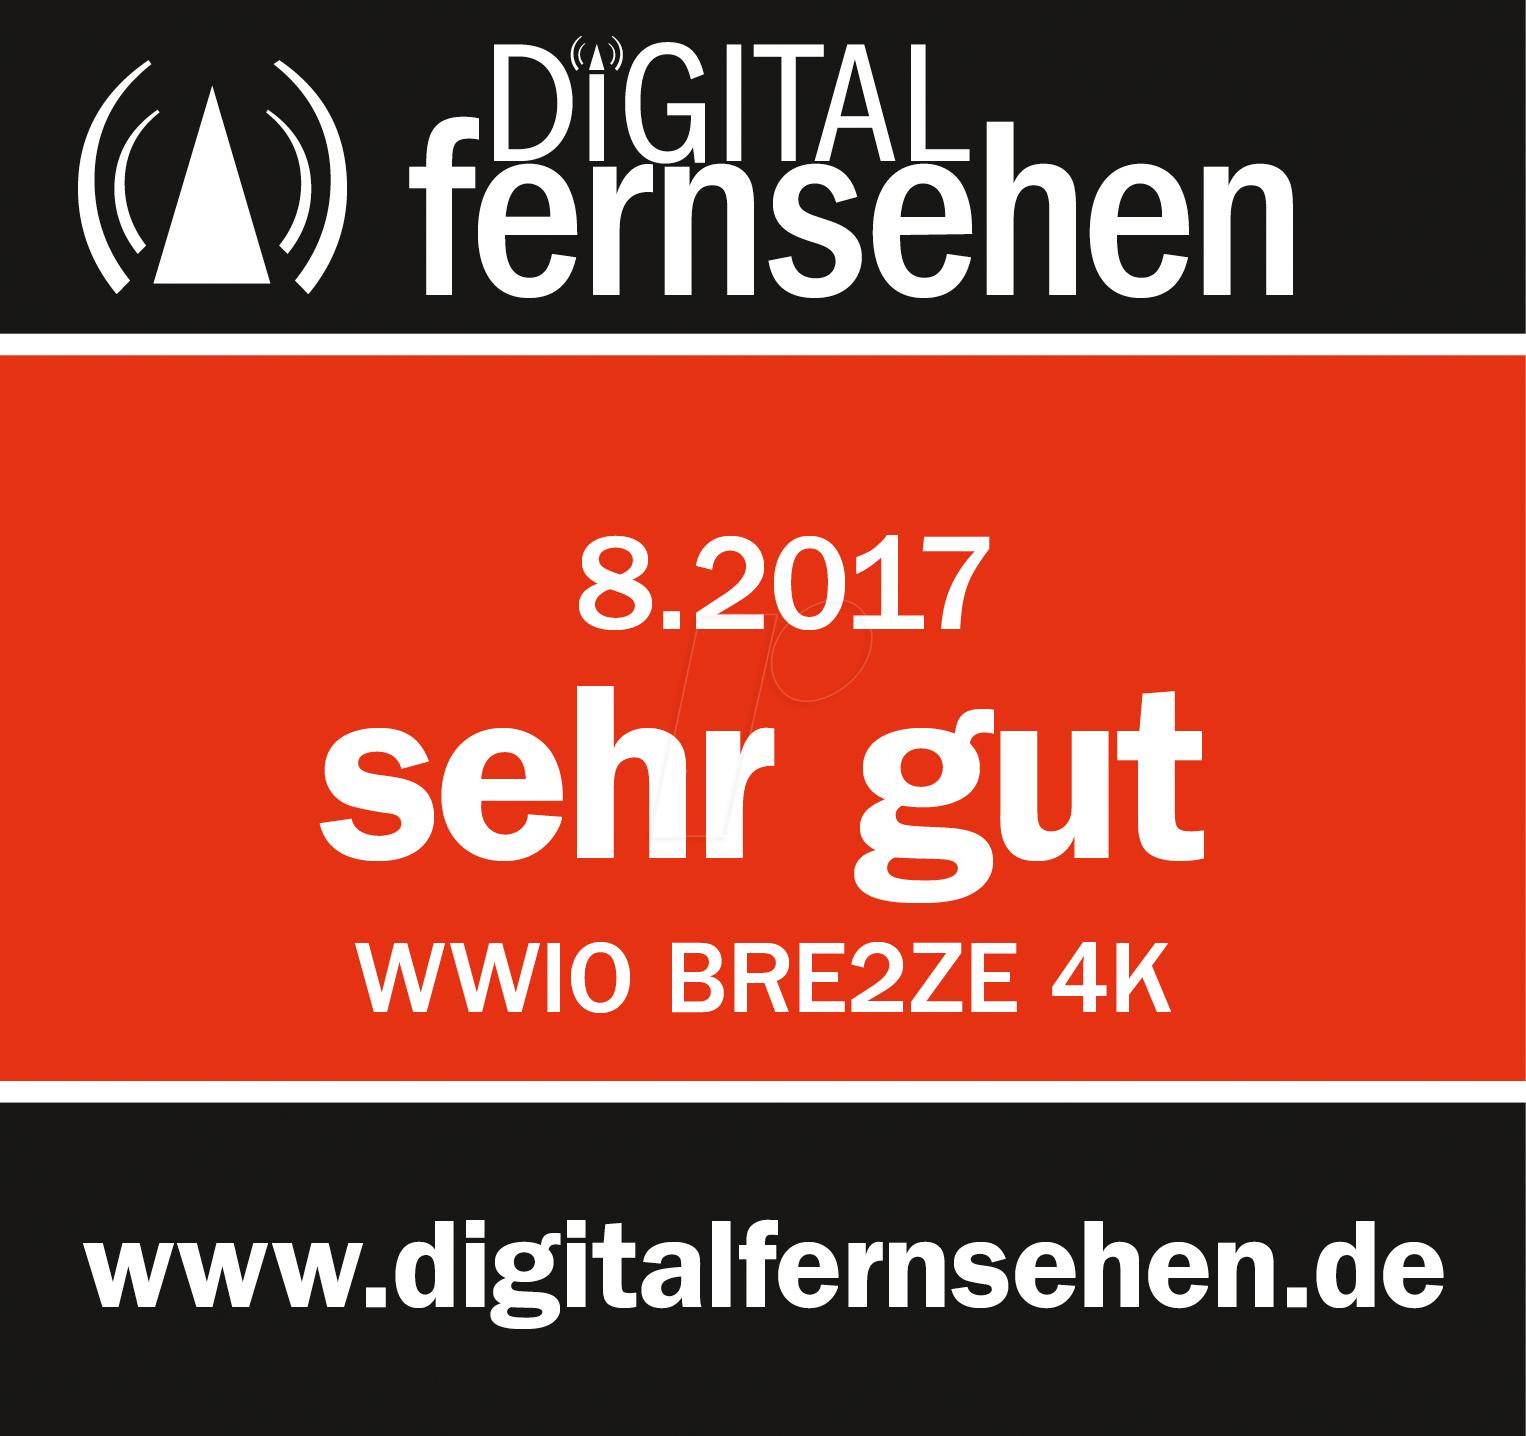 https://cdn-reichelt.de/bilder/web/xxl_ws/F100/WWIO_BRE2ZE-4K_TS_01.png